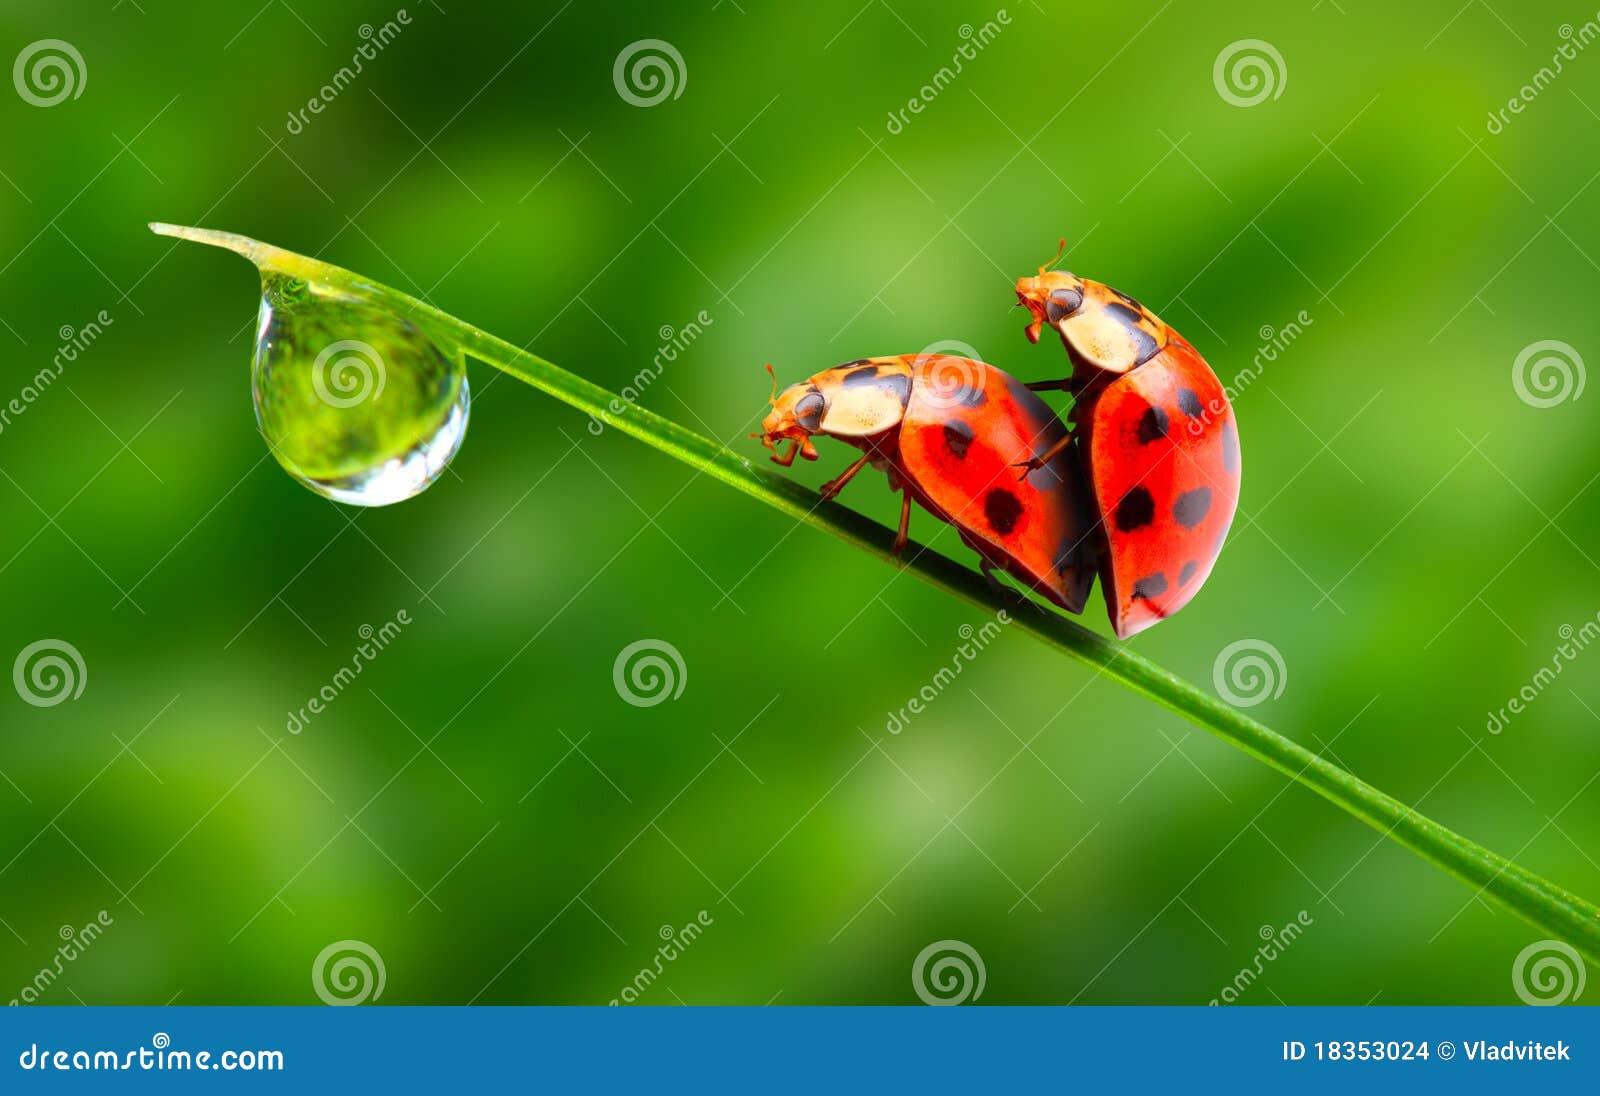 love-making ladybugs couple  stock images